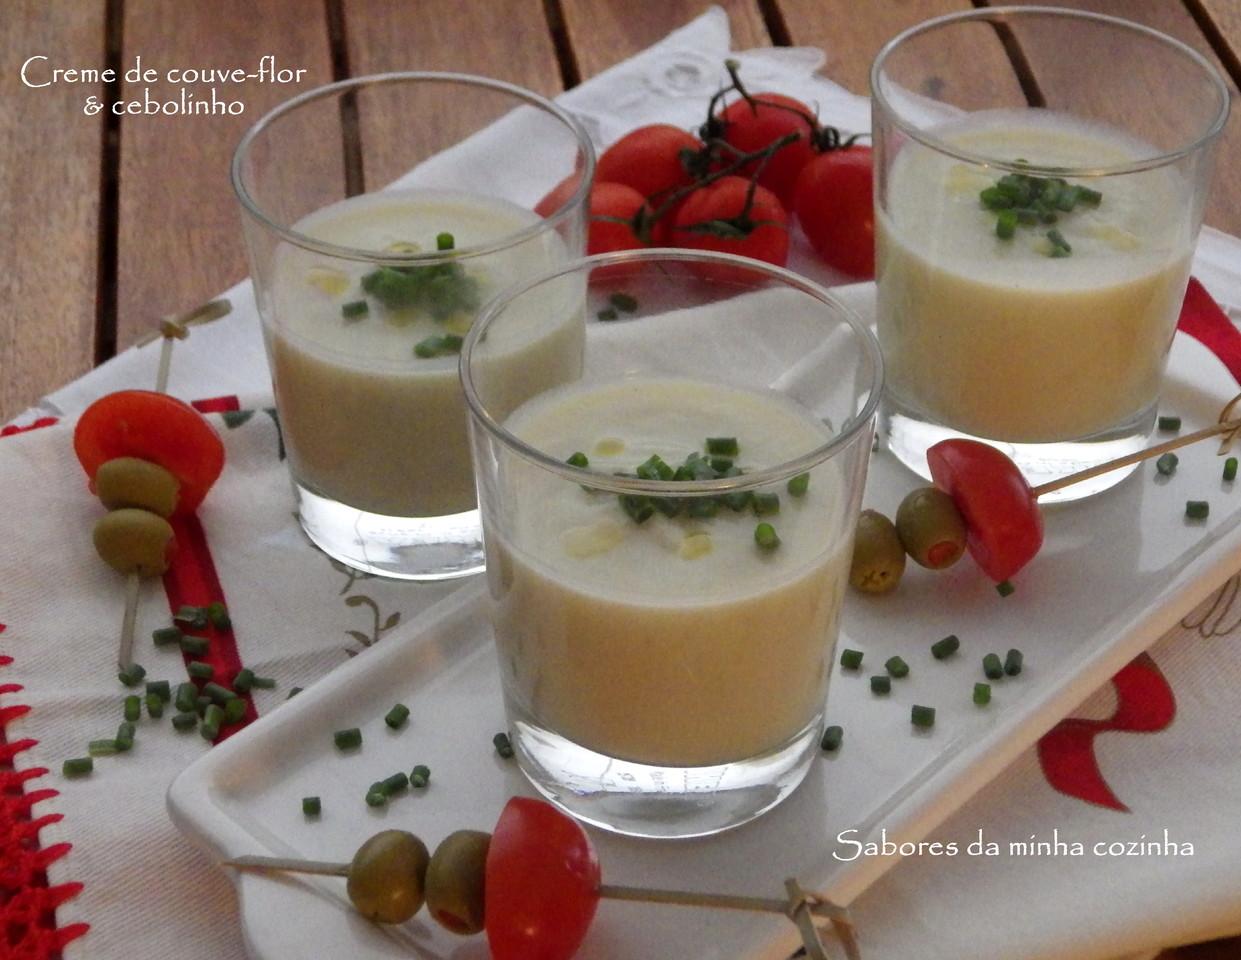 IMGP5445-Creme de couve-flor & cebolinho.JPG